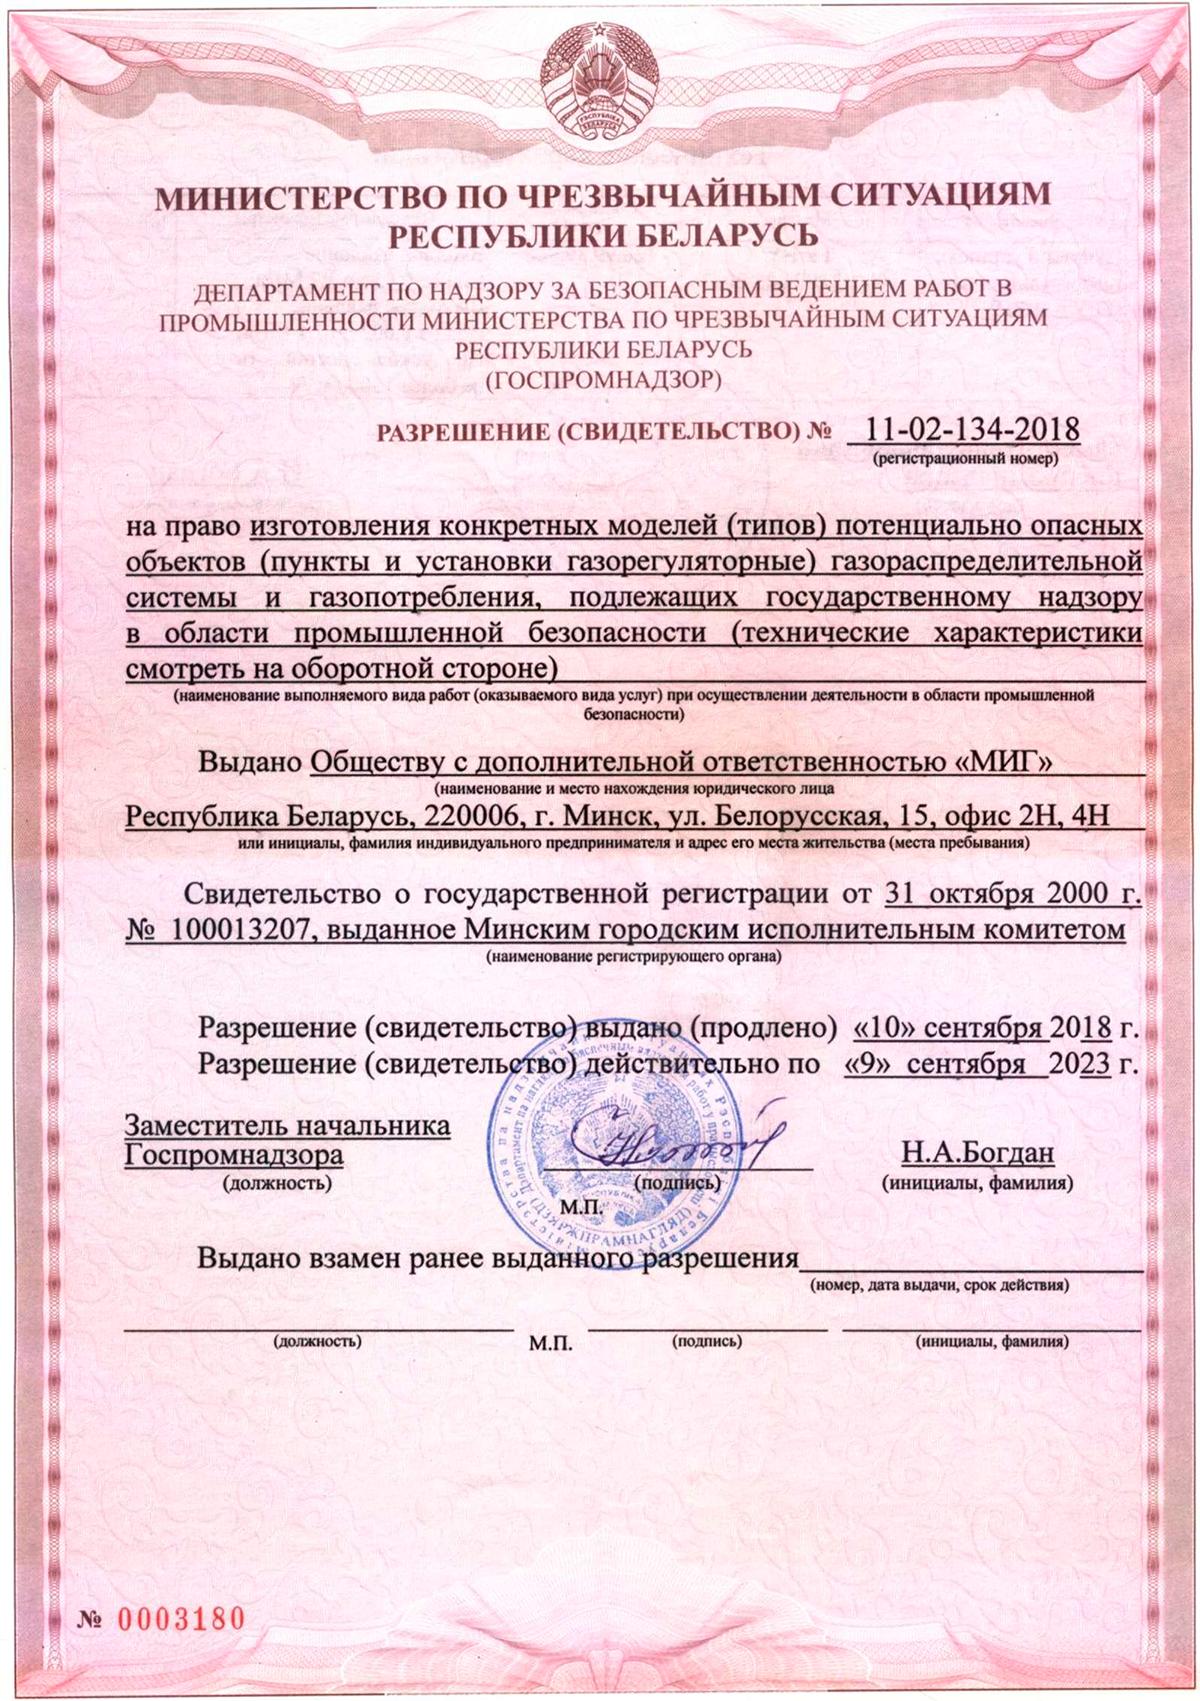 Разрешение ГРПБ-2018